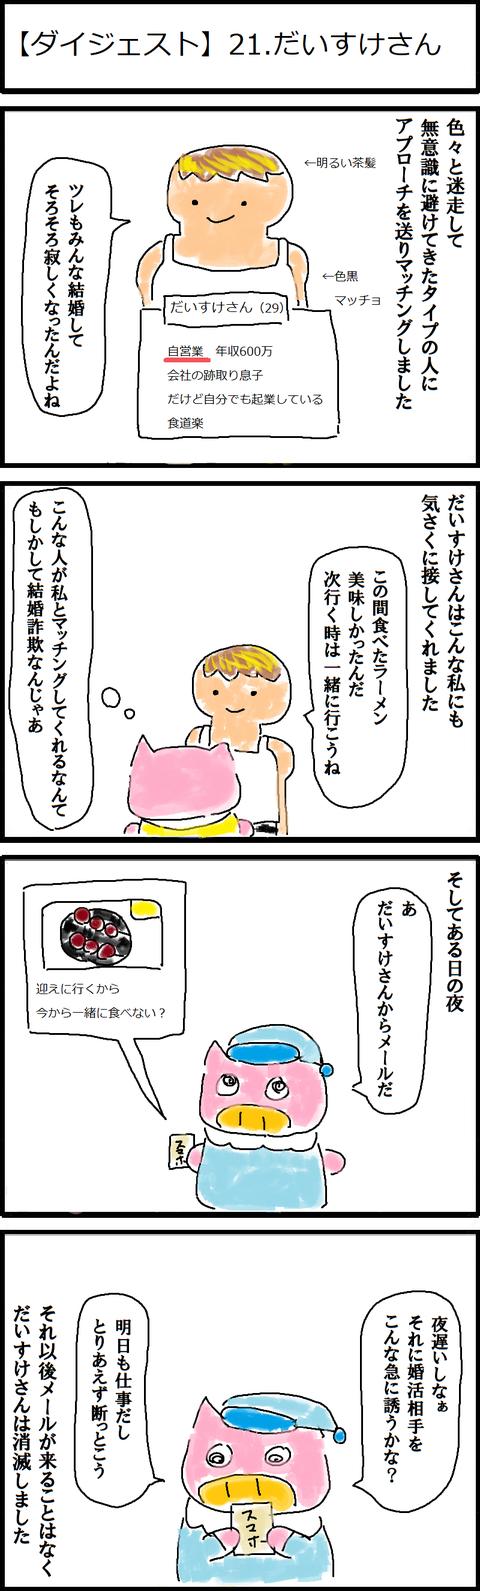 【ダイジェスト】21.だいすけさん